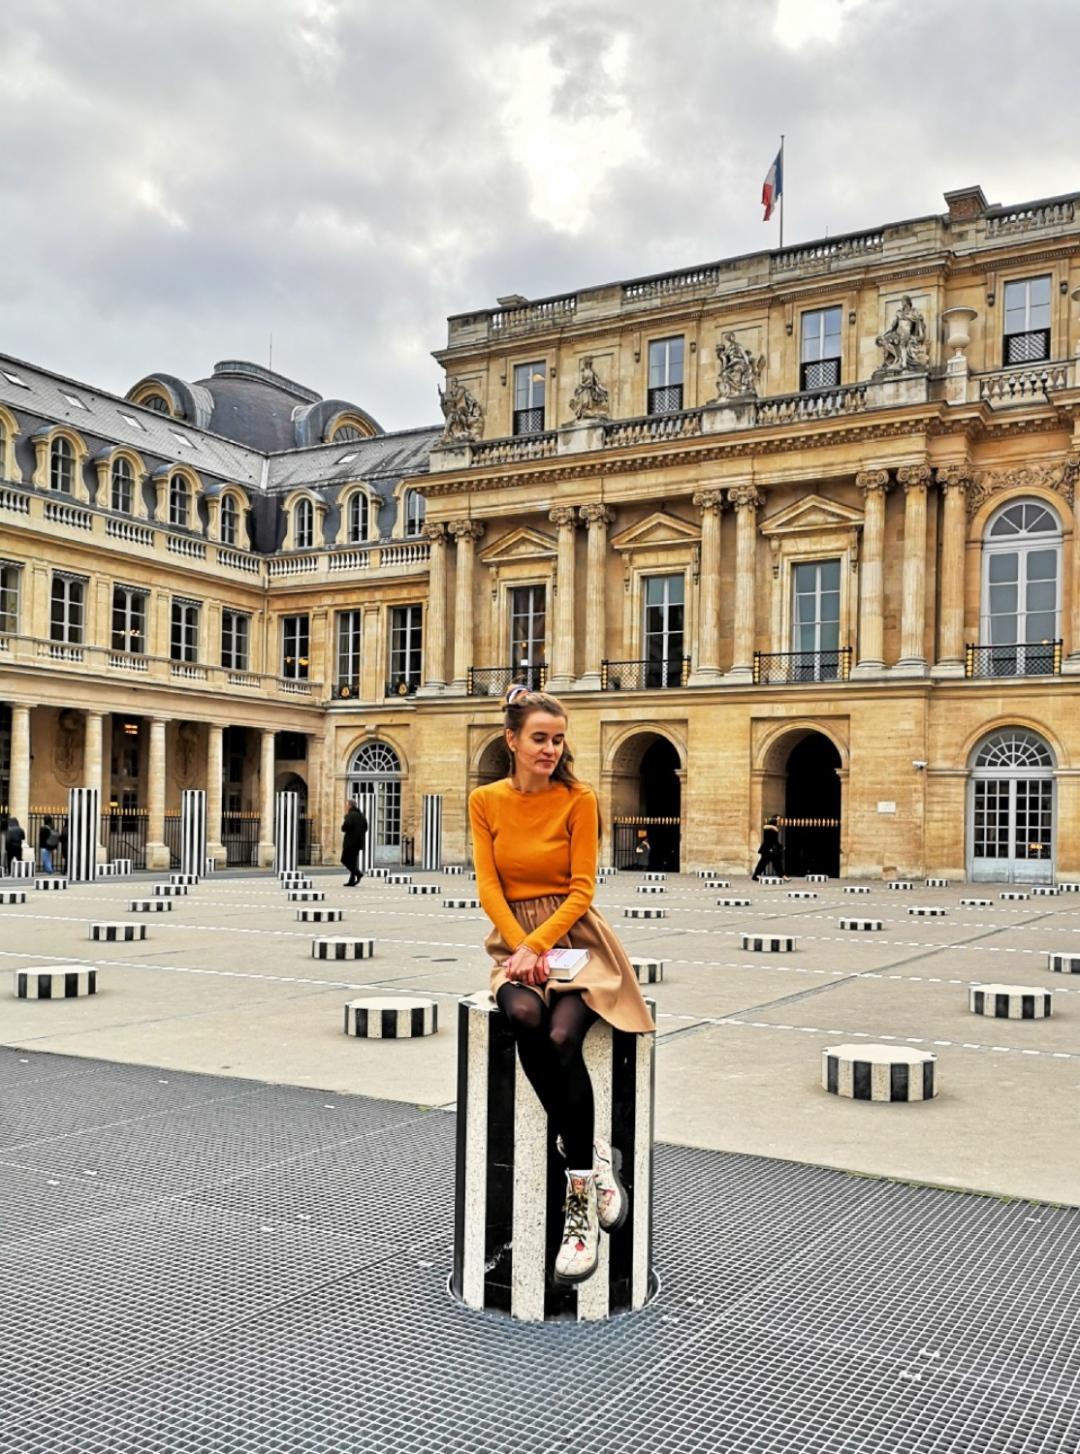 Les Deux Plateaux - Colonnes de Buren - Palais Royal - Instagram pictures in Paris